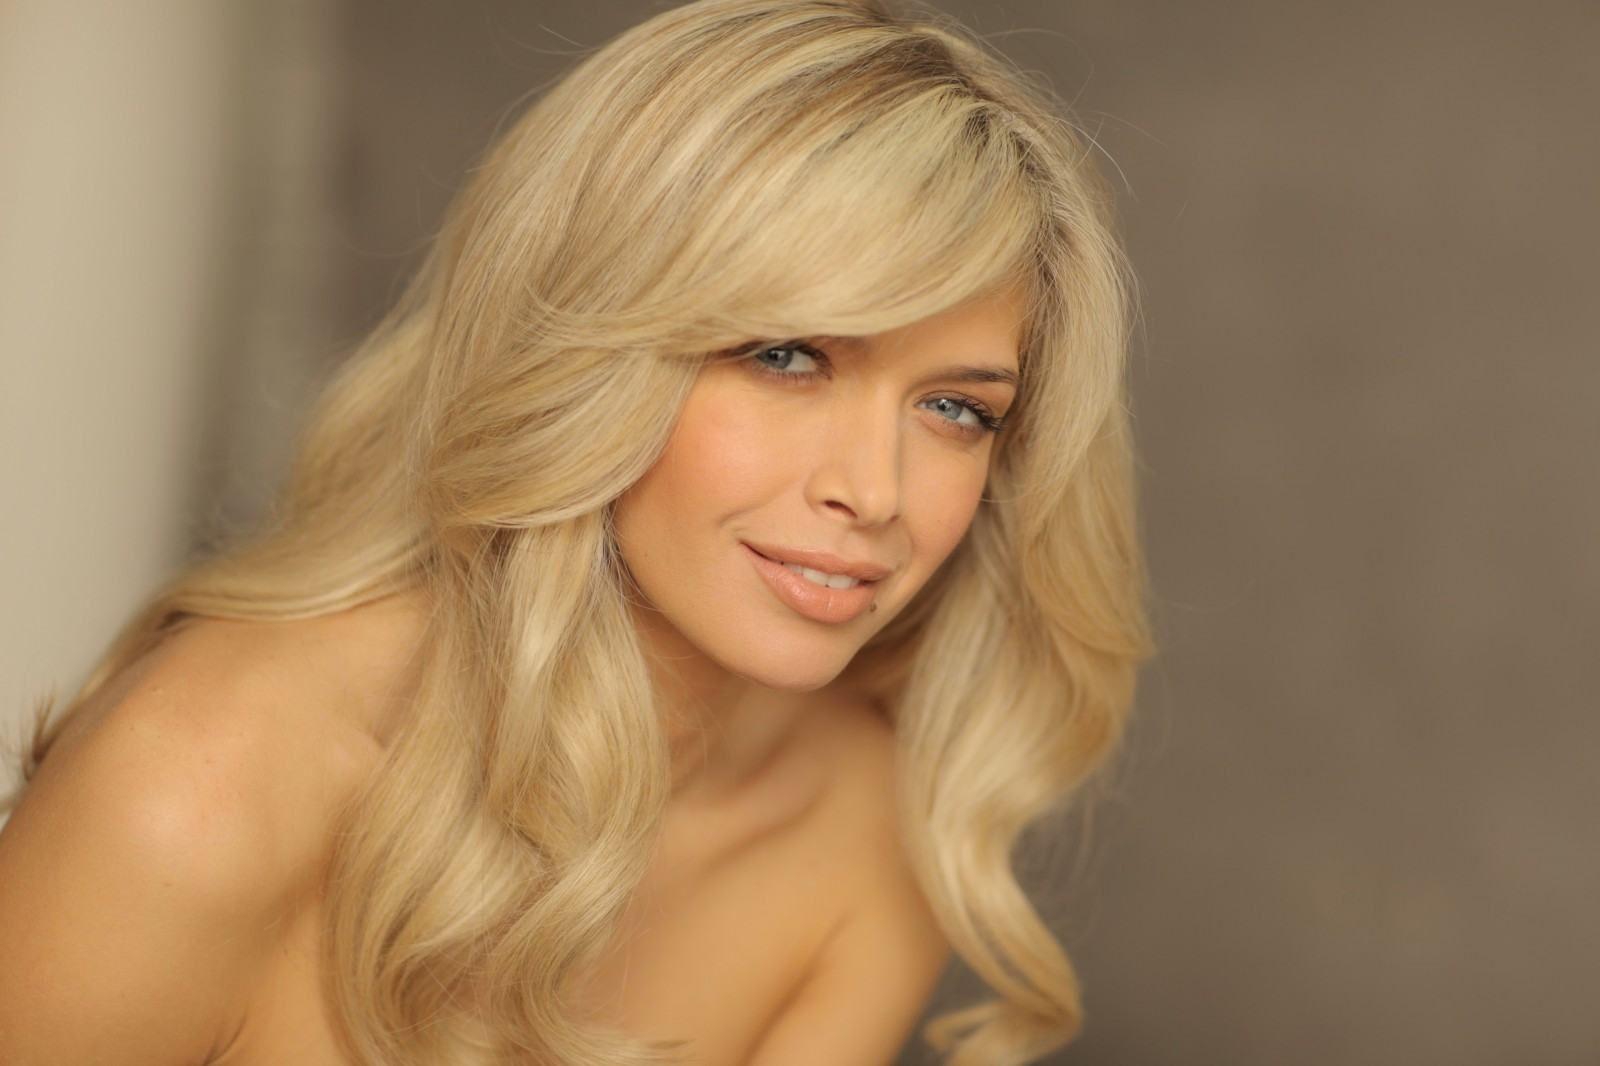 Русская красивая девушка с очень красивой фигурой 26 фотография